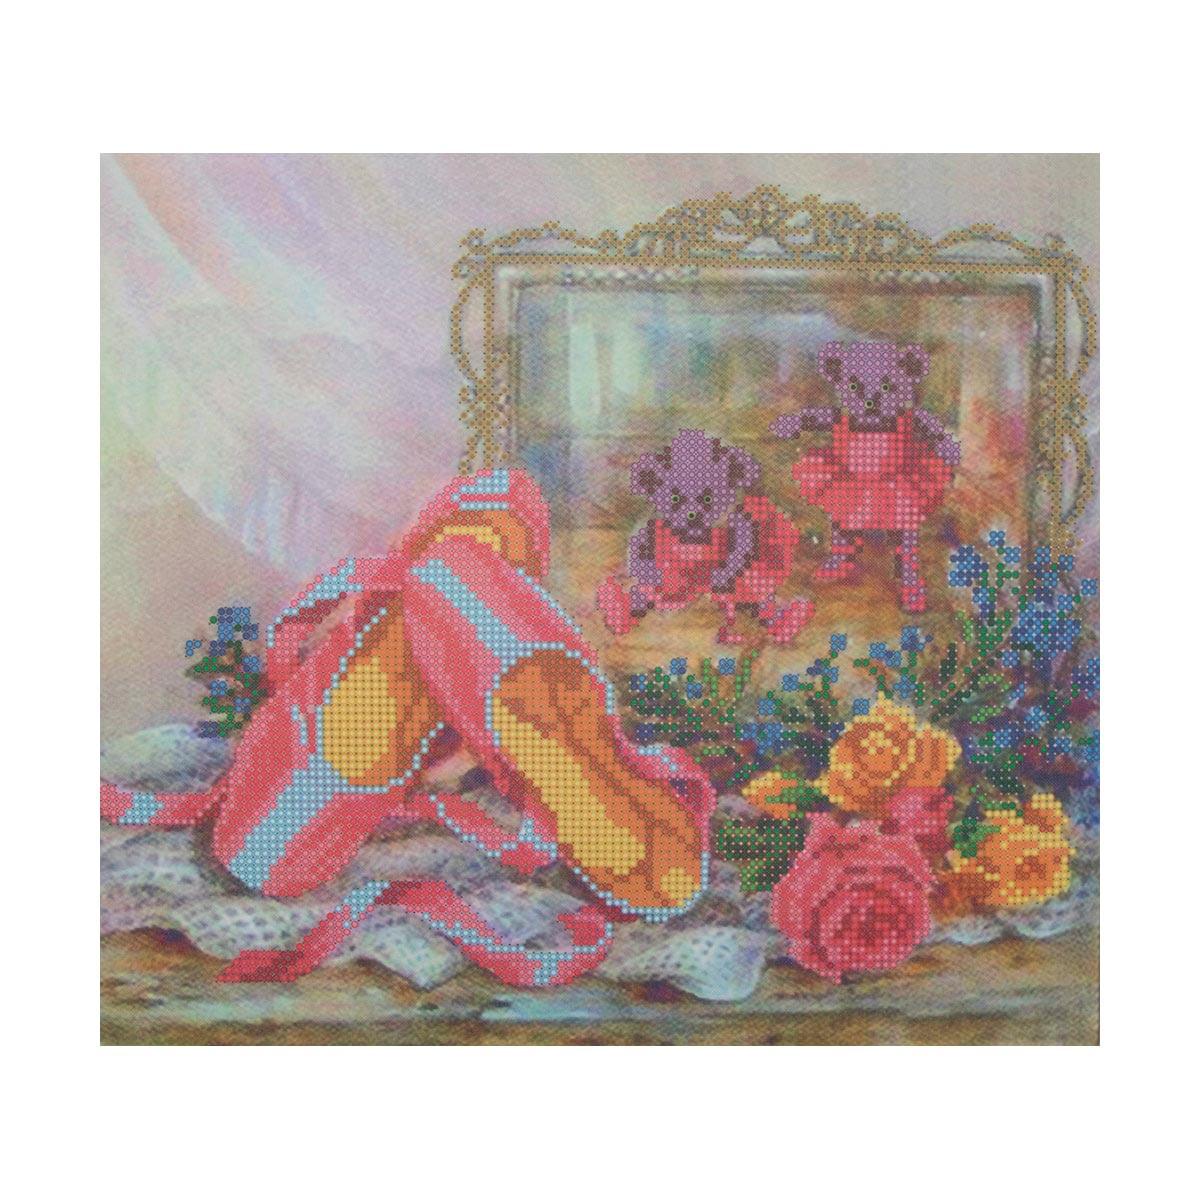 НР-3040 Канва с рисунком для вышивания бисером 'В зазеркалье' Hobby&Pro 25*28см